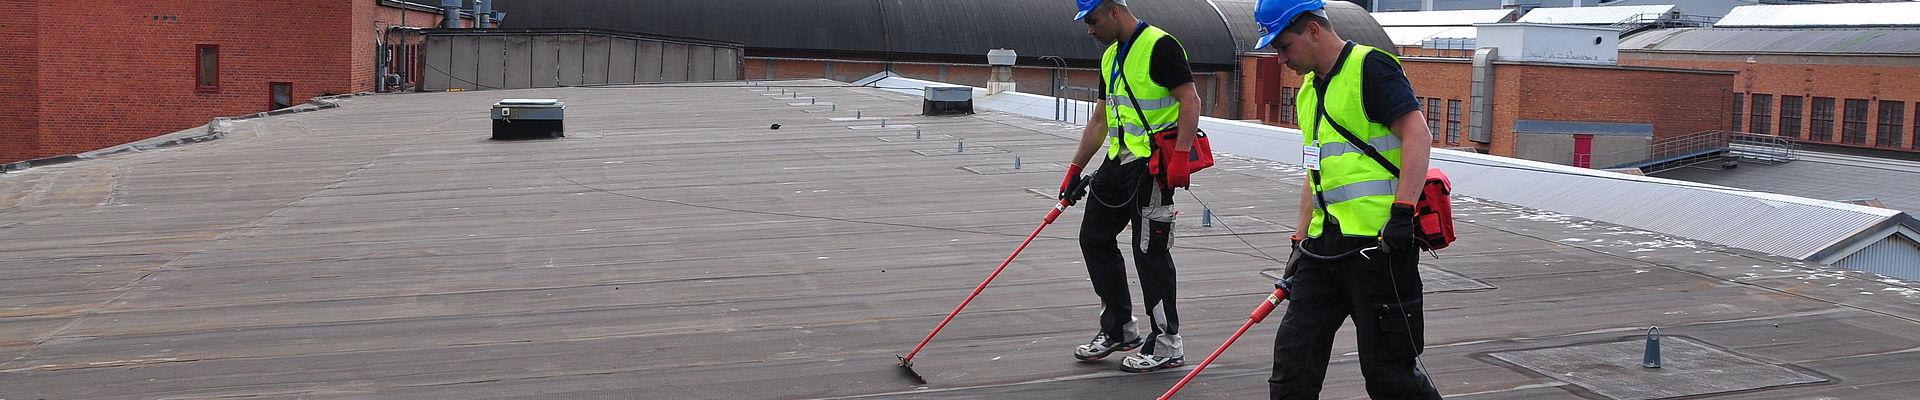 Dachmonitoring gegen Folgeschäden auf einem Flachdach